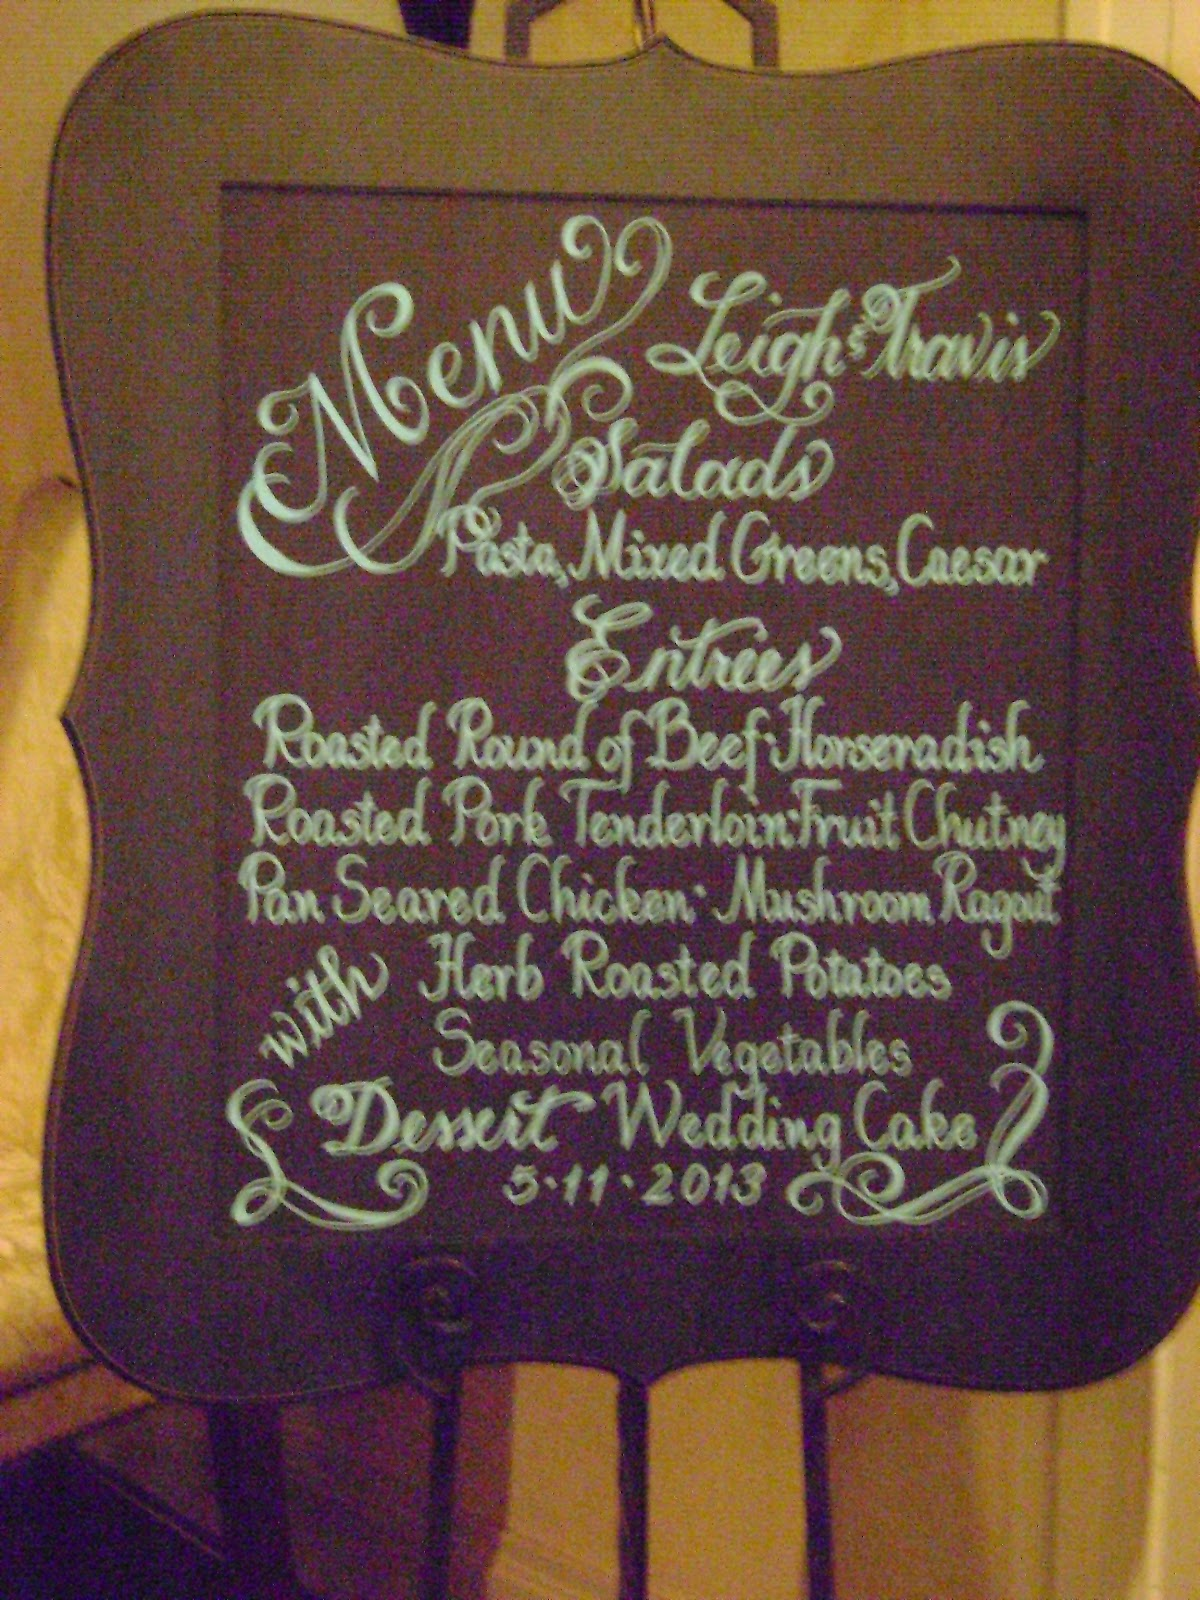 Art for You : Wedding Menu on a Chalkboard